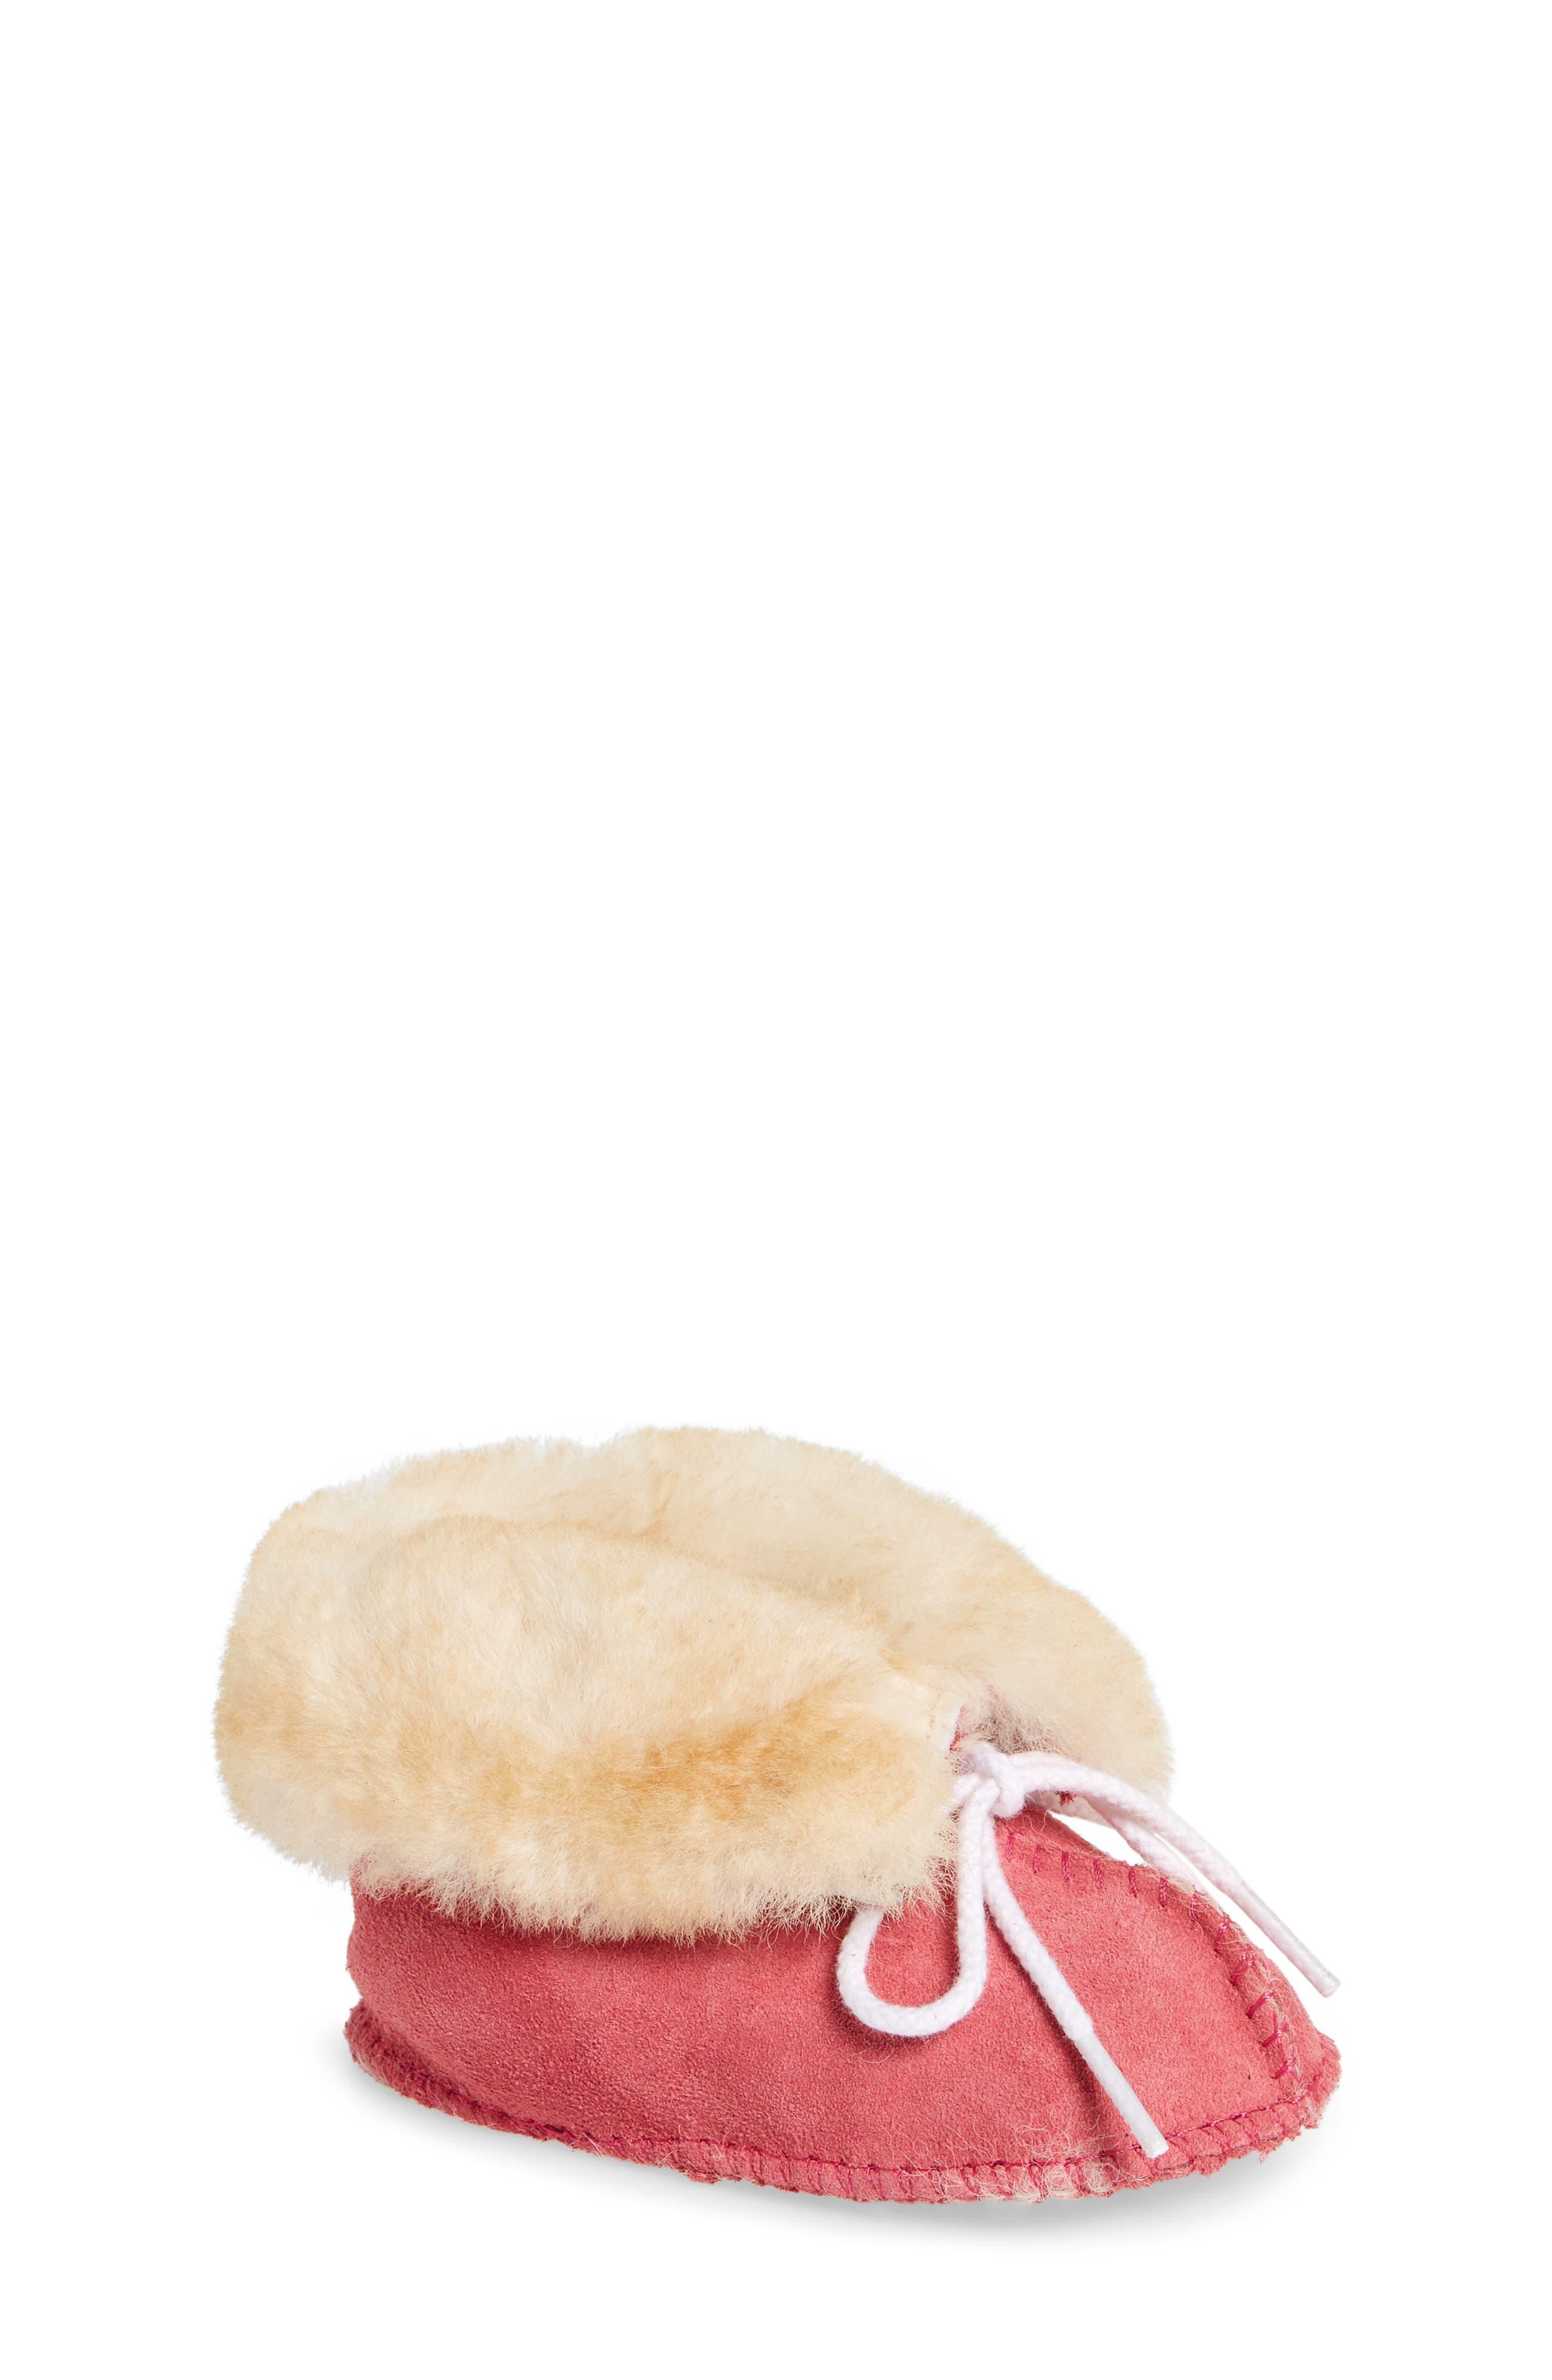 Genuine Shearling Crib Moccasin,                             Main thumbnail 1, color,                             Hot Pink